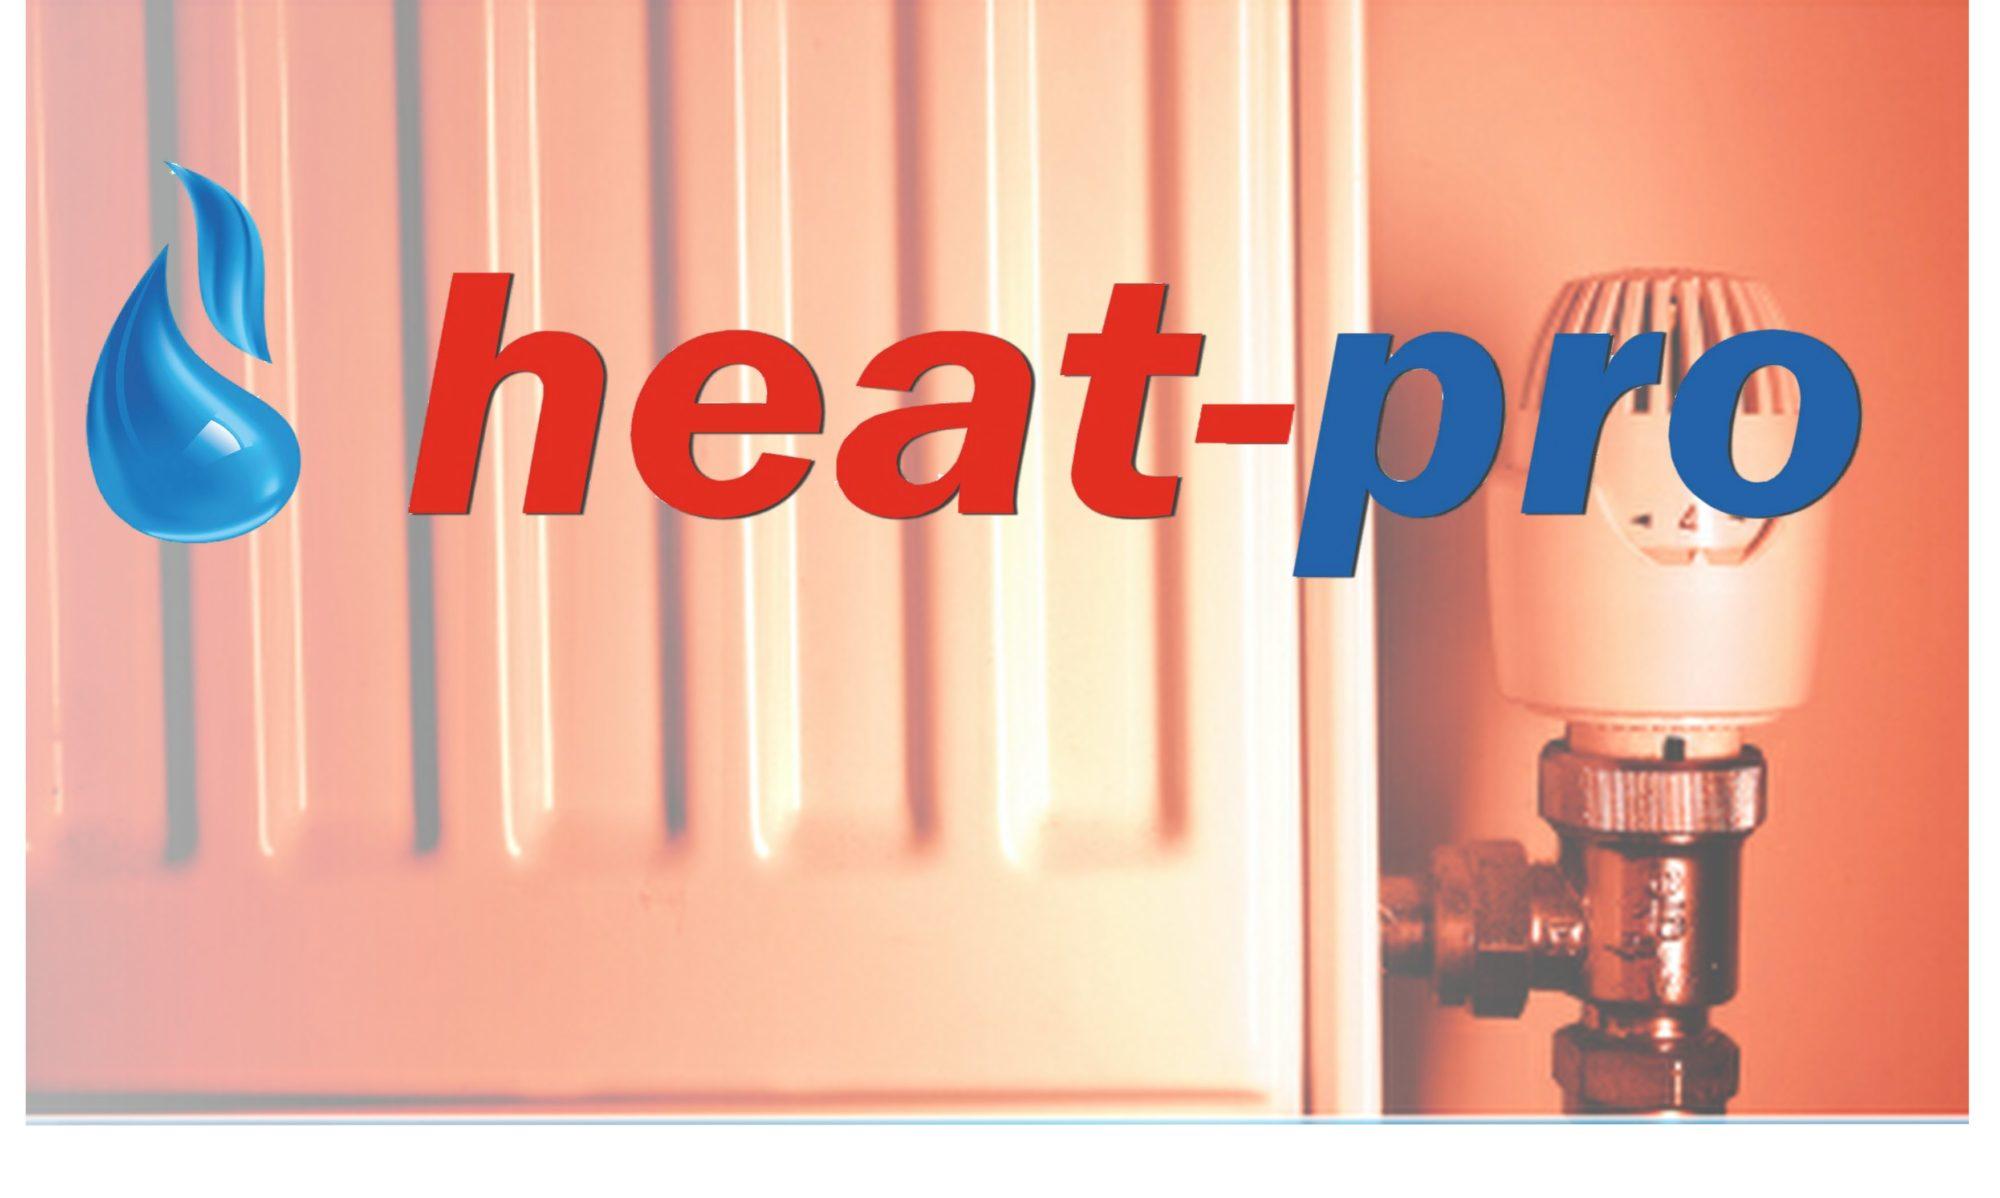 Heat-pro ltd